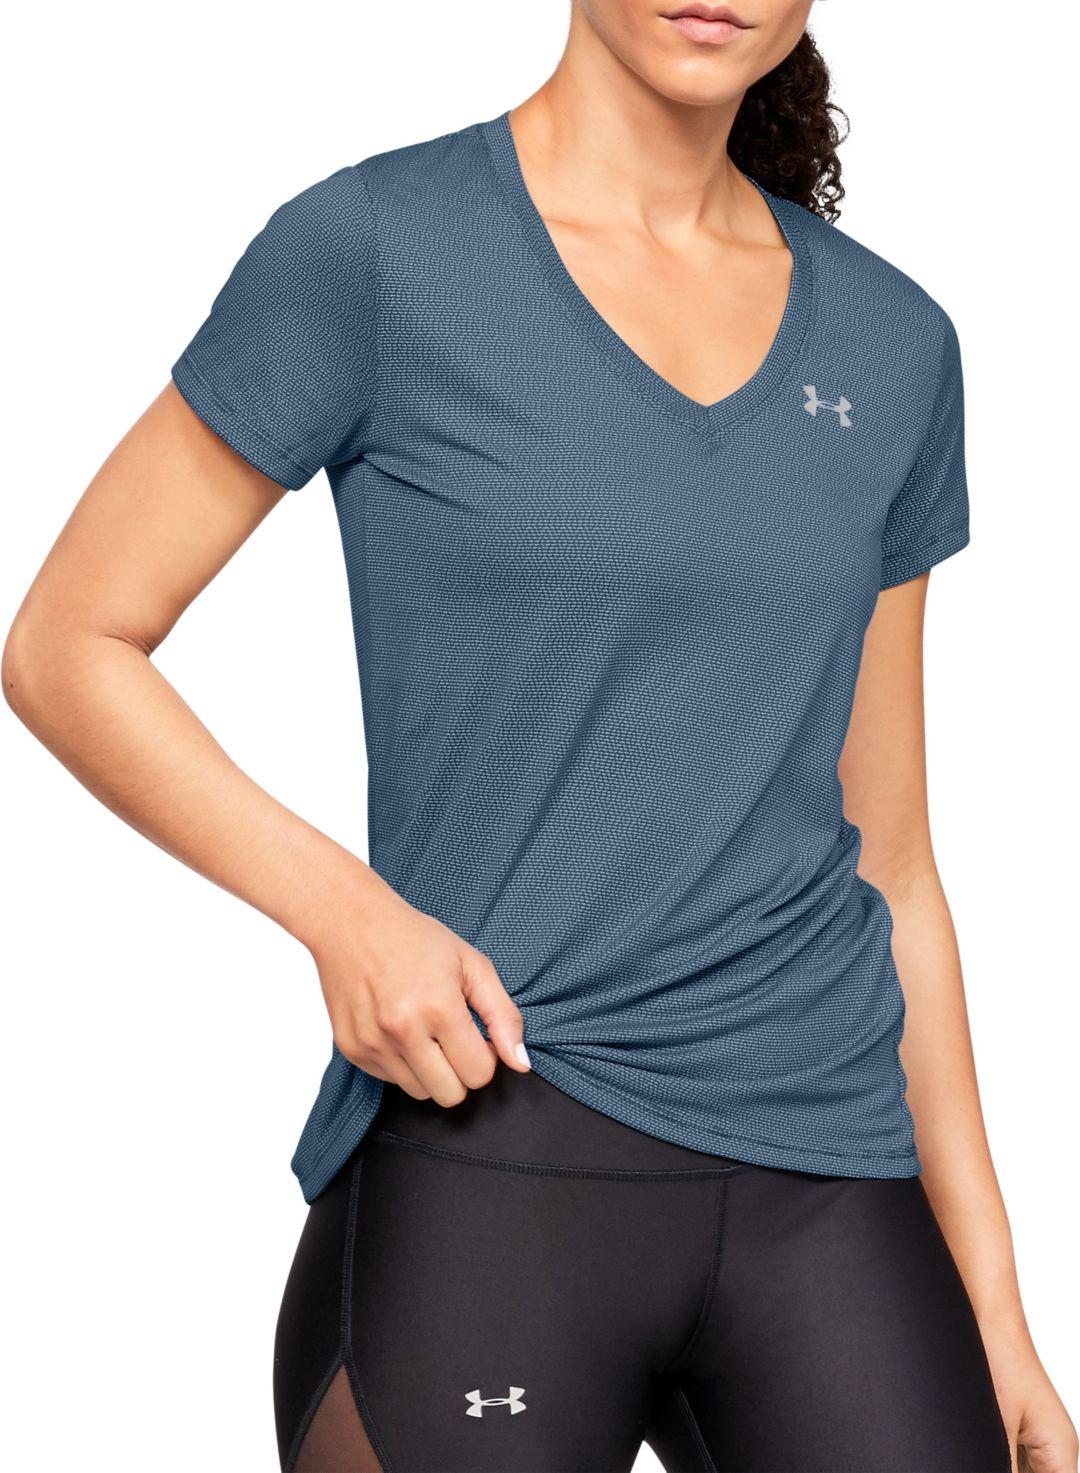 new style 40645 8d039 Under Armour Women s Tech Short Sleeve V-Neck Ticker T-Shirt ...